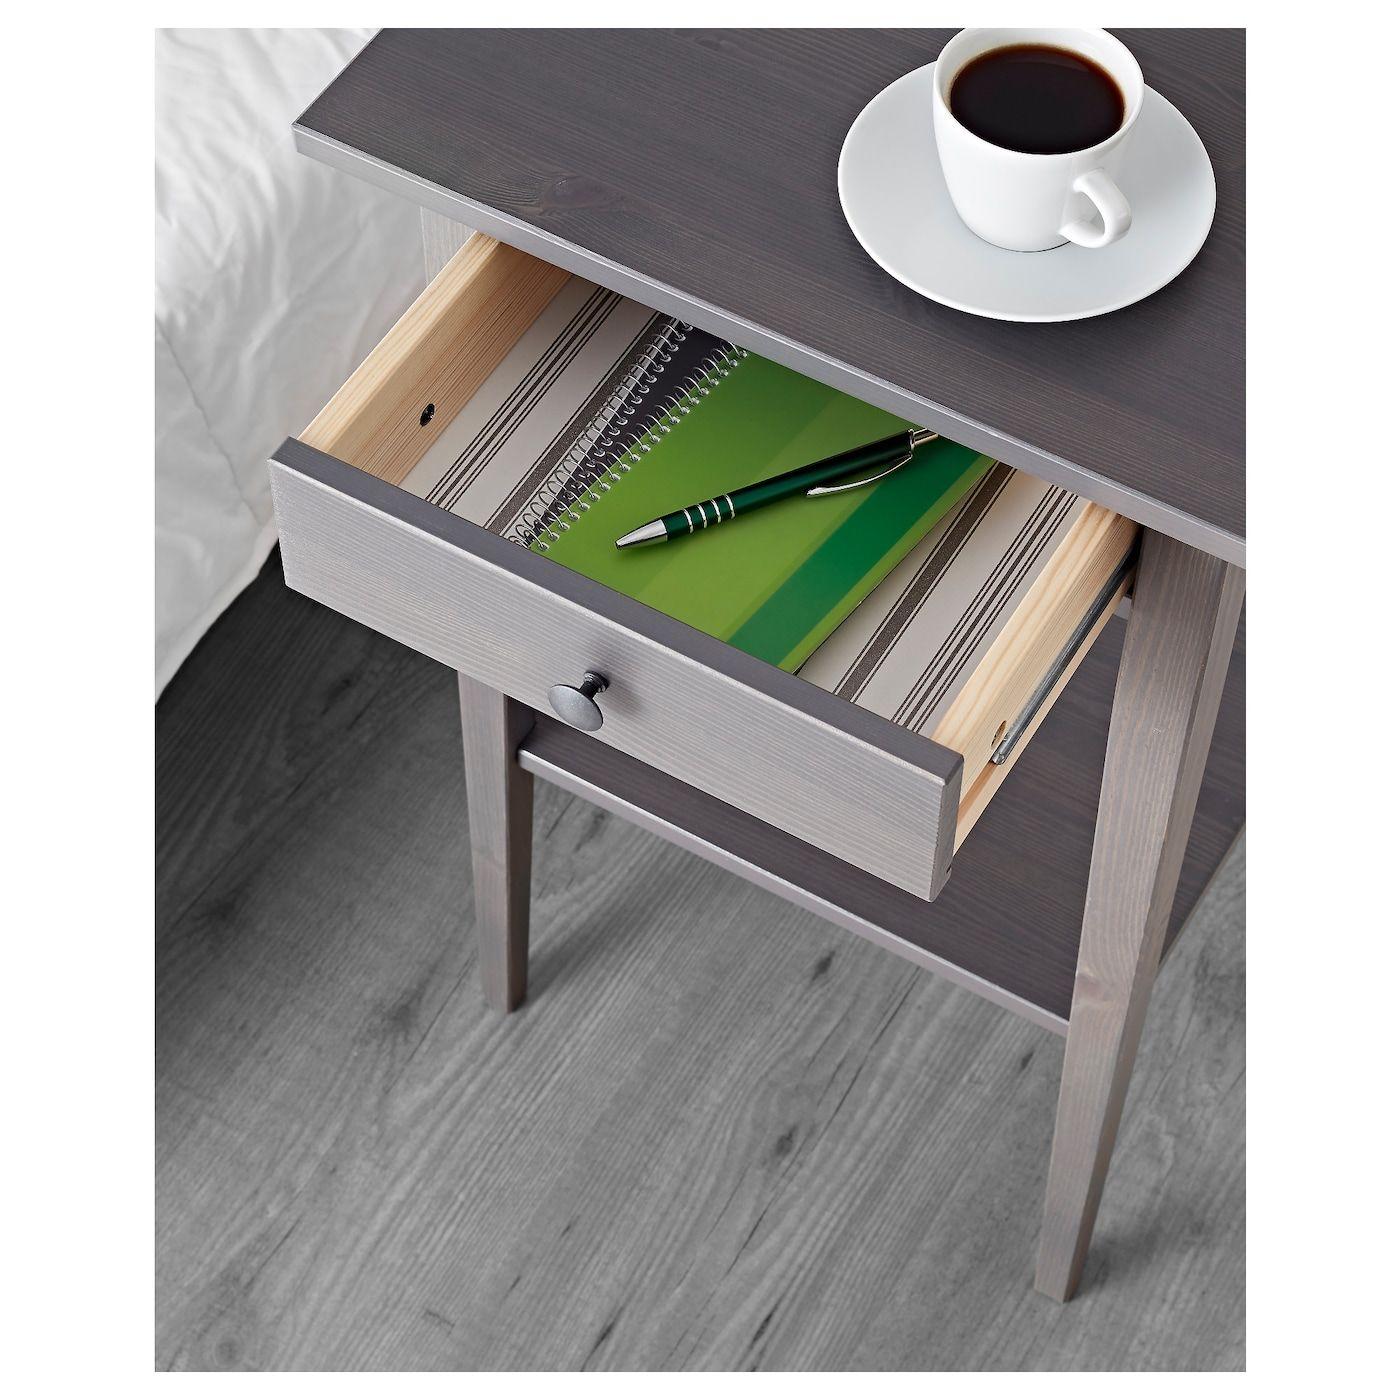 IKEA HEMNES Nightstand dark gray stained Hemnes